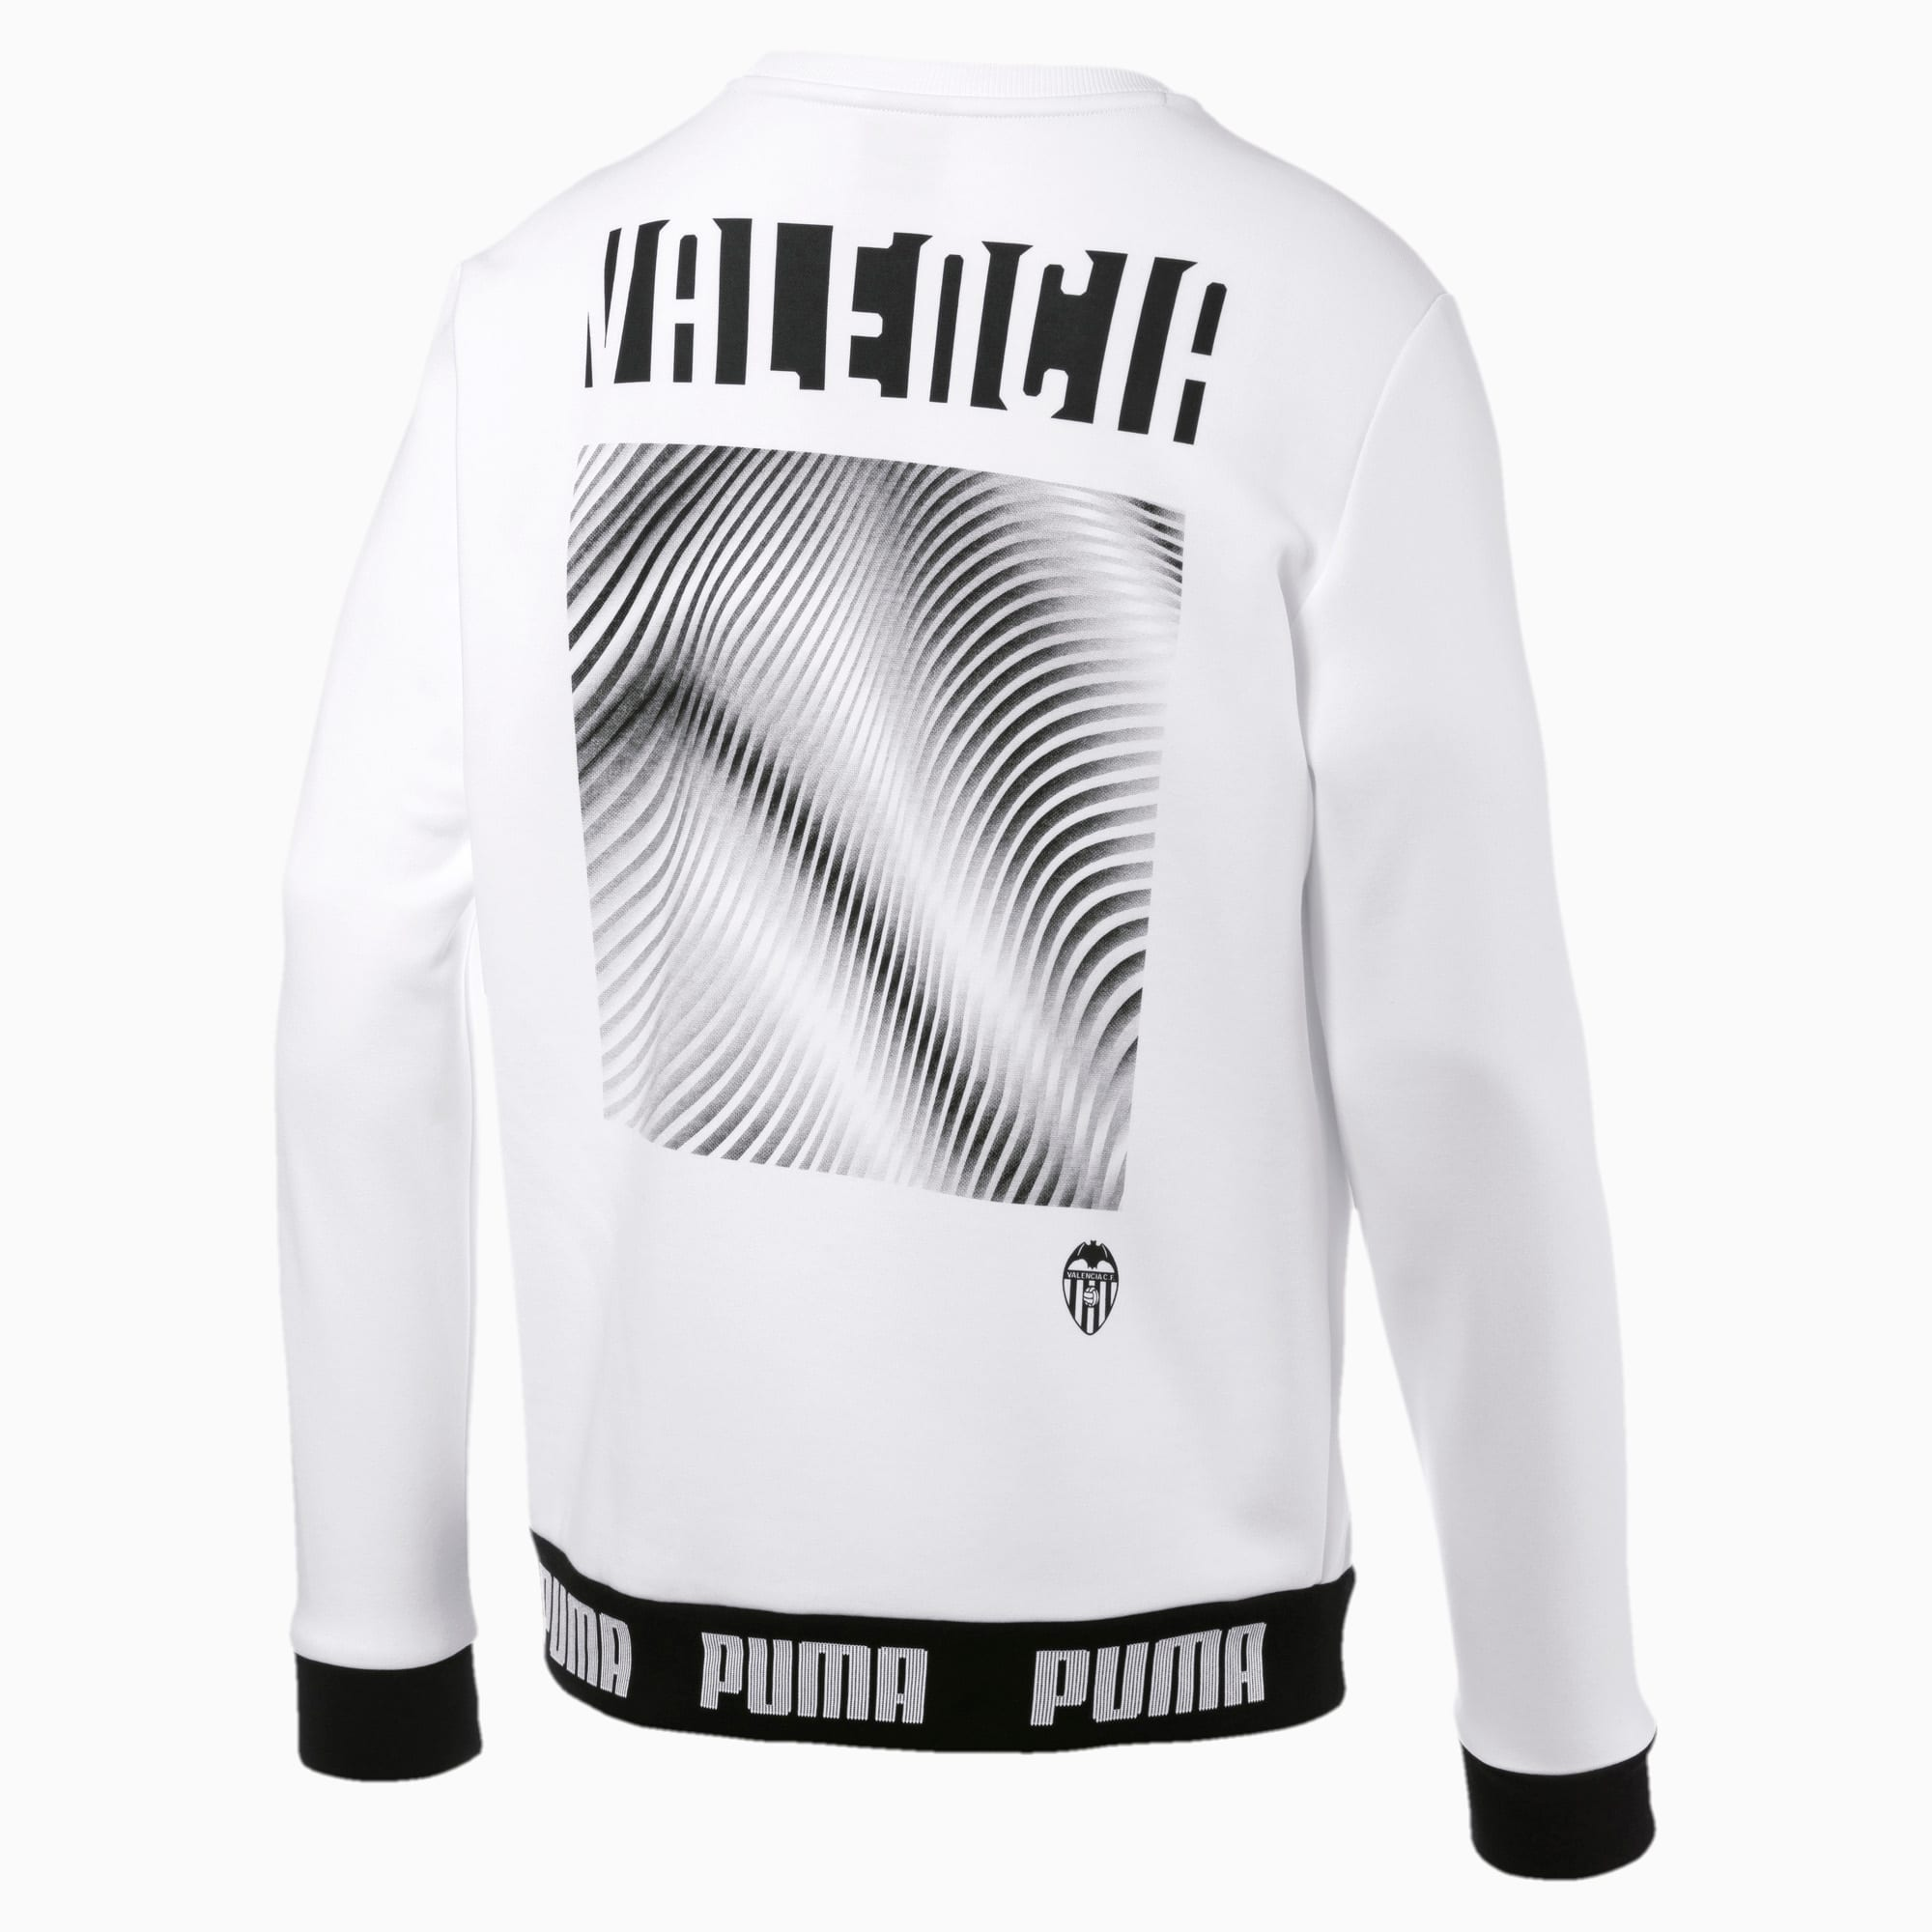 Valencia CF Football Culture Herren Sweatshirt | Puma White